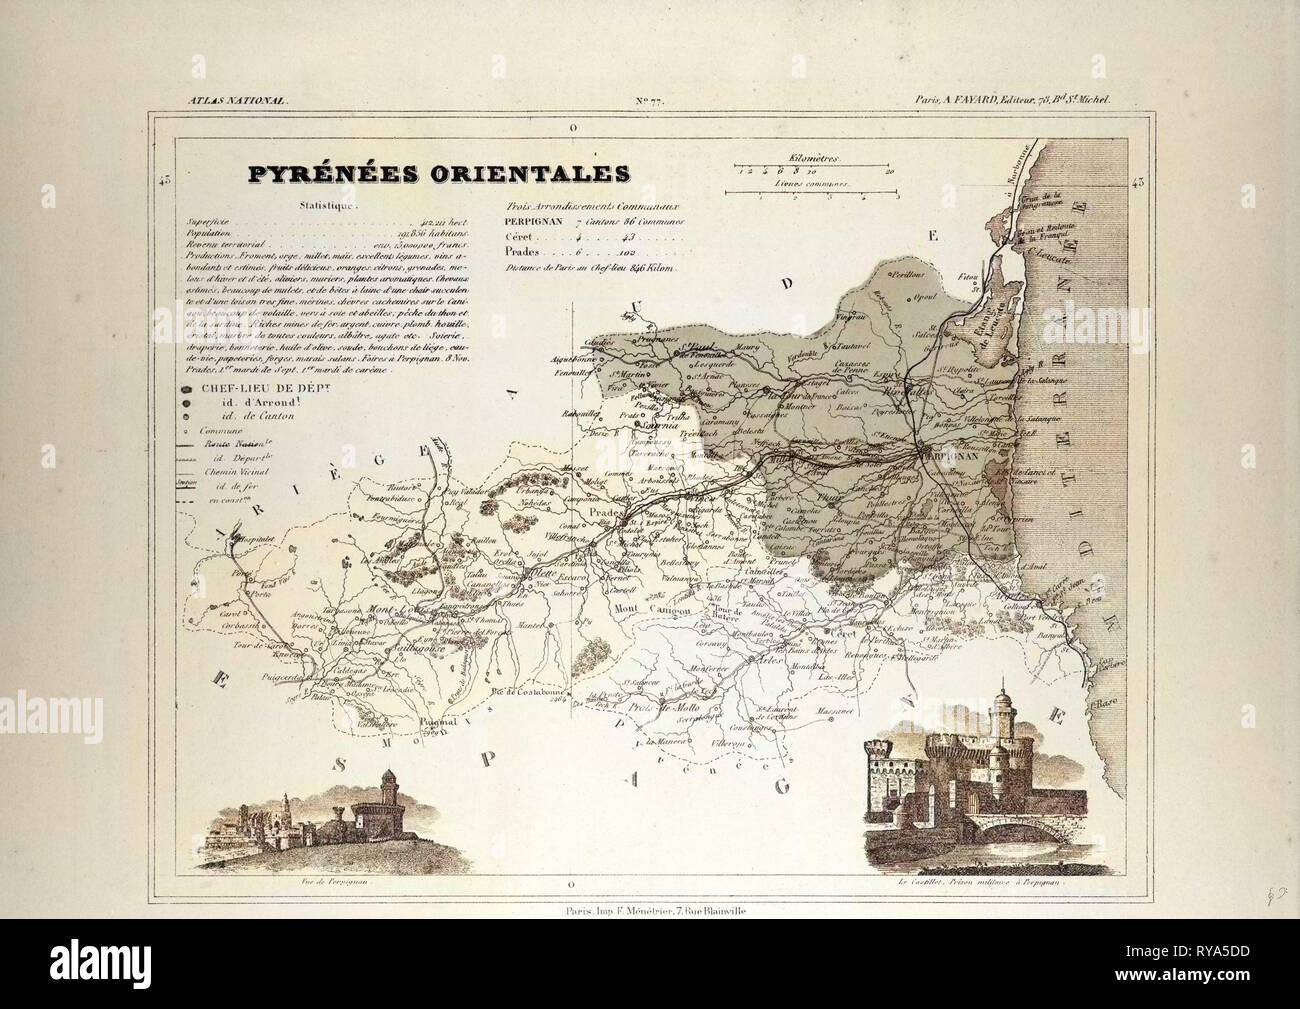 PyrÉnÉes-orientales Art Prints Pyrenees-orientales 1878 Old Antique Map Plan Chart